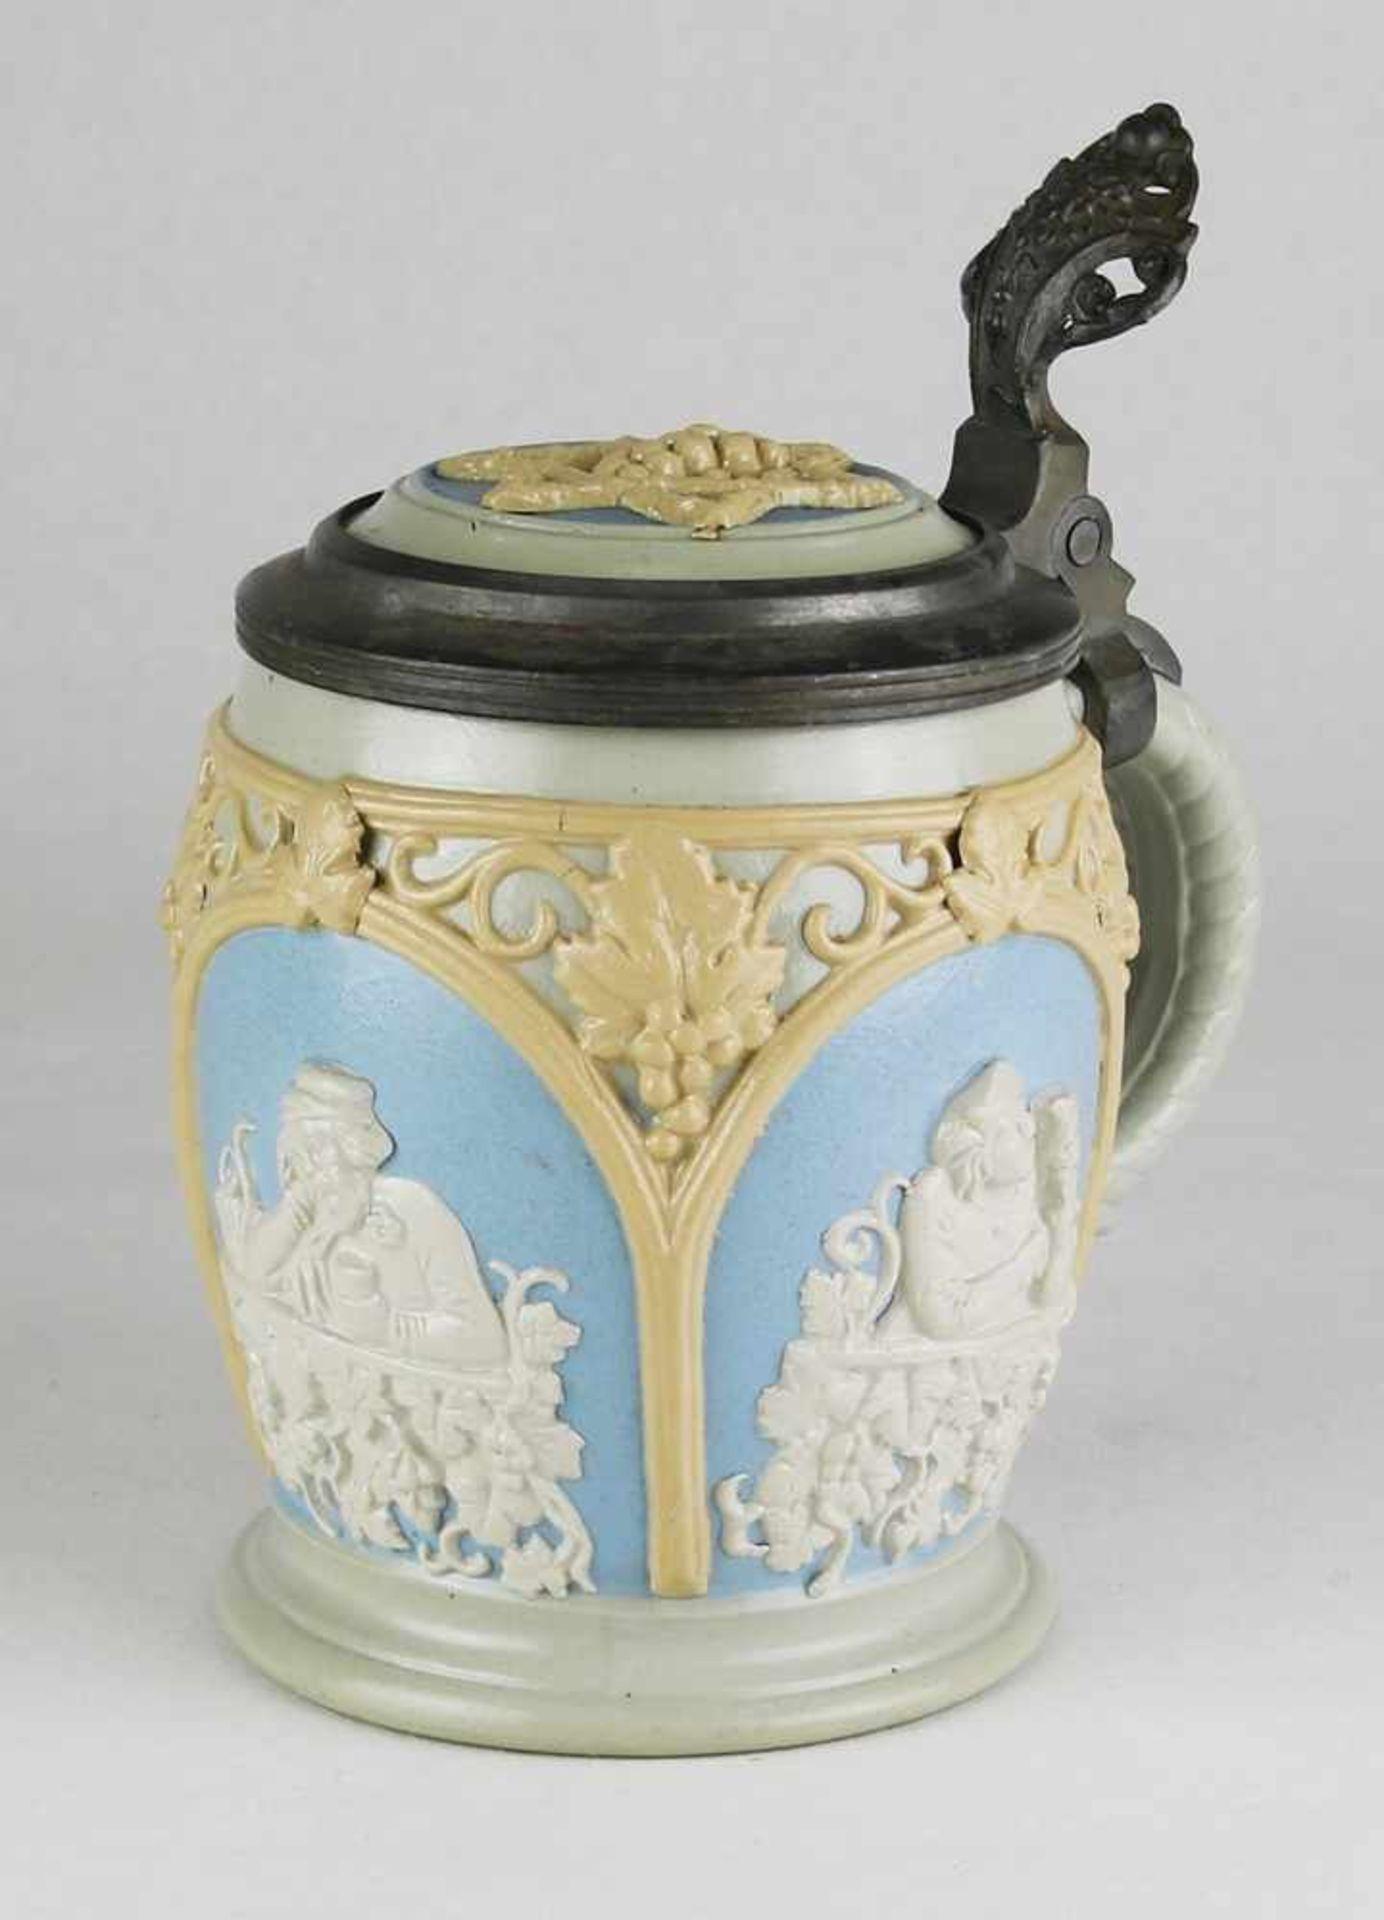 DamenbierkrugVilleroy & Boch, Mettlach um 1900. Grauer Scherben mit umlaufender aufgelegter